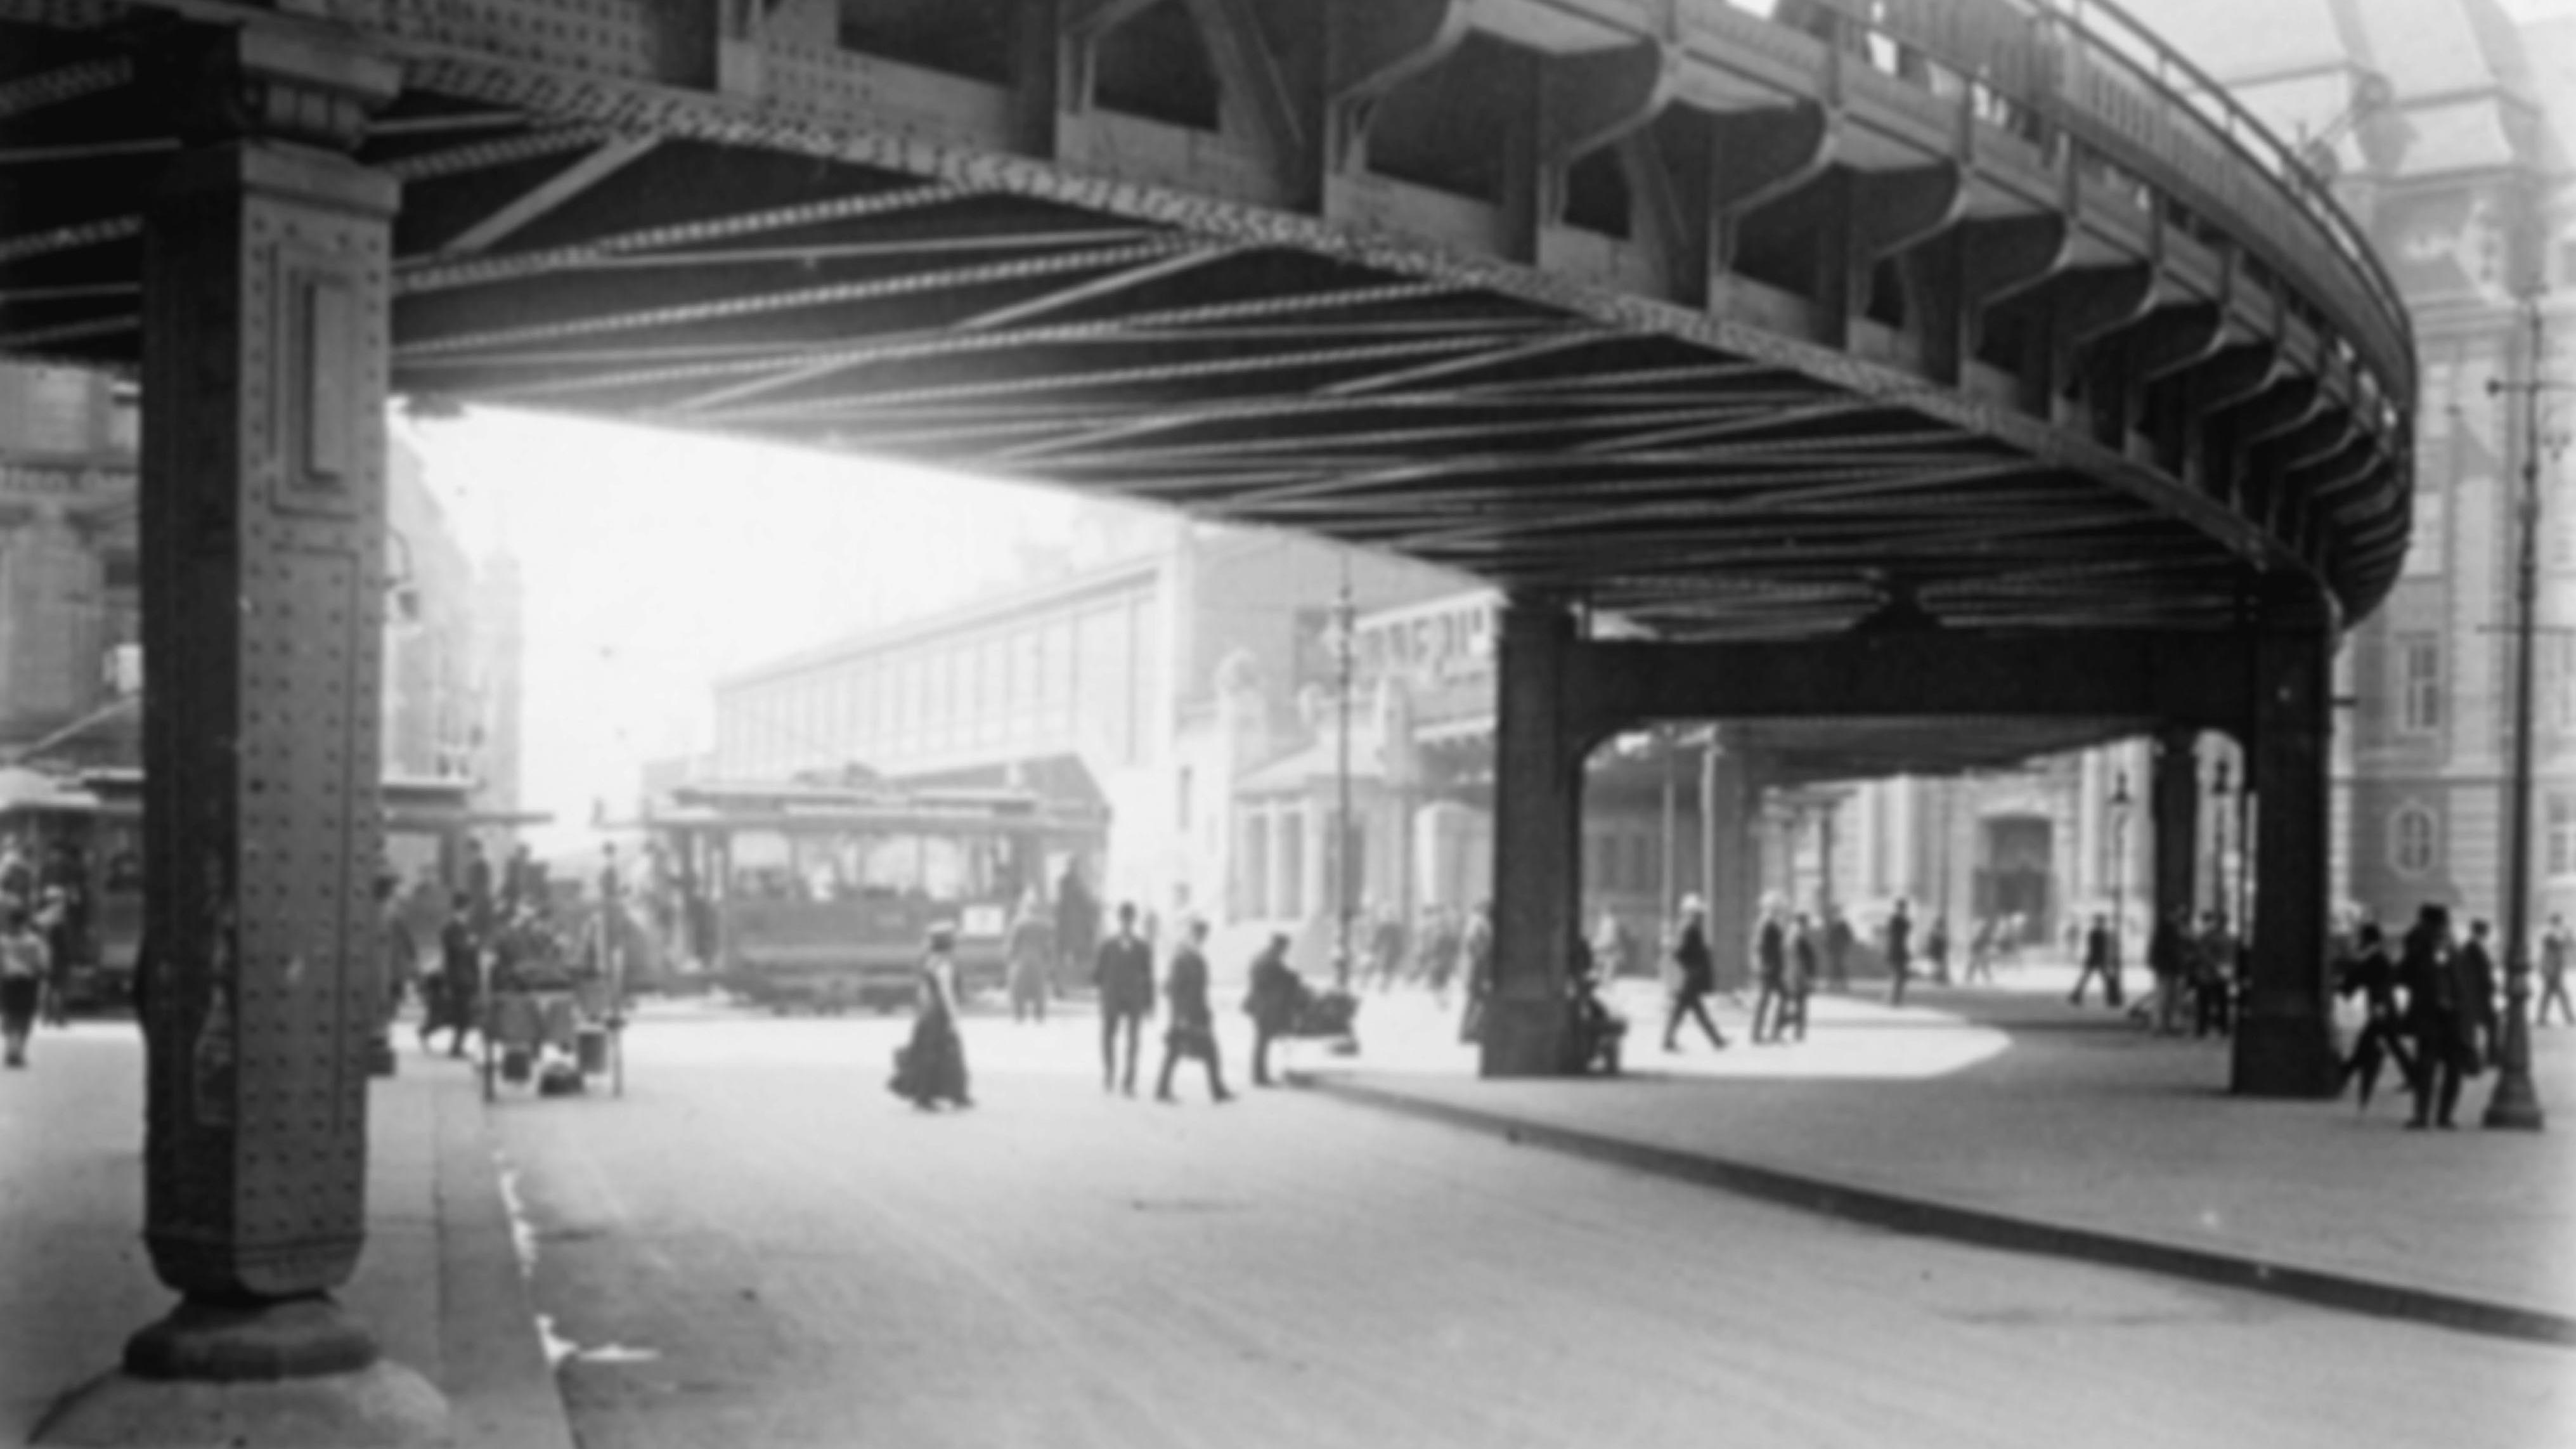 Brücke der Hochbahn am Roedingmarkt in Hamburg, 1913